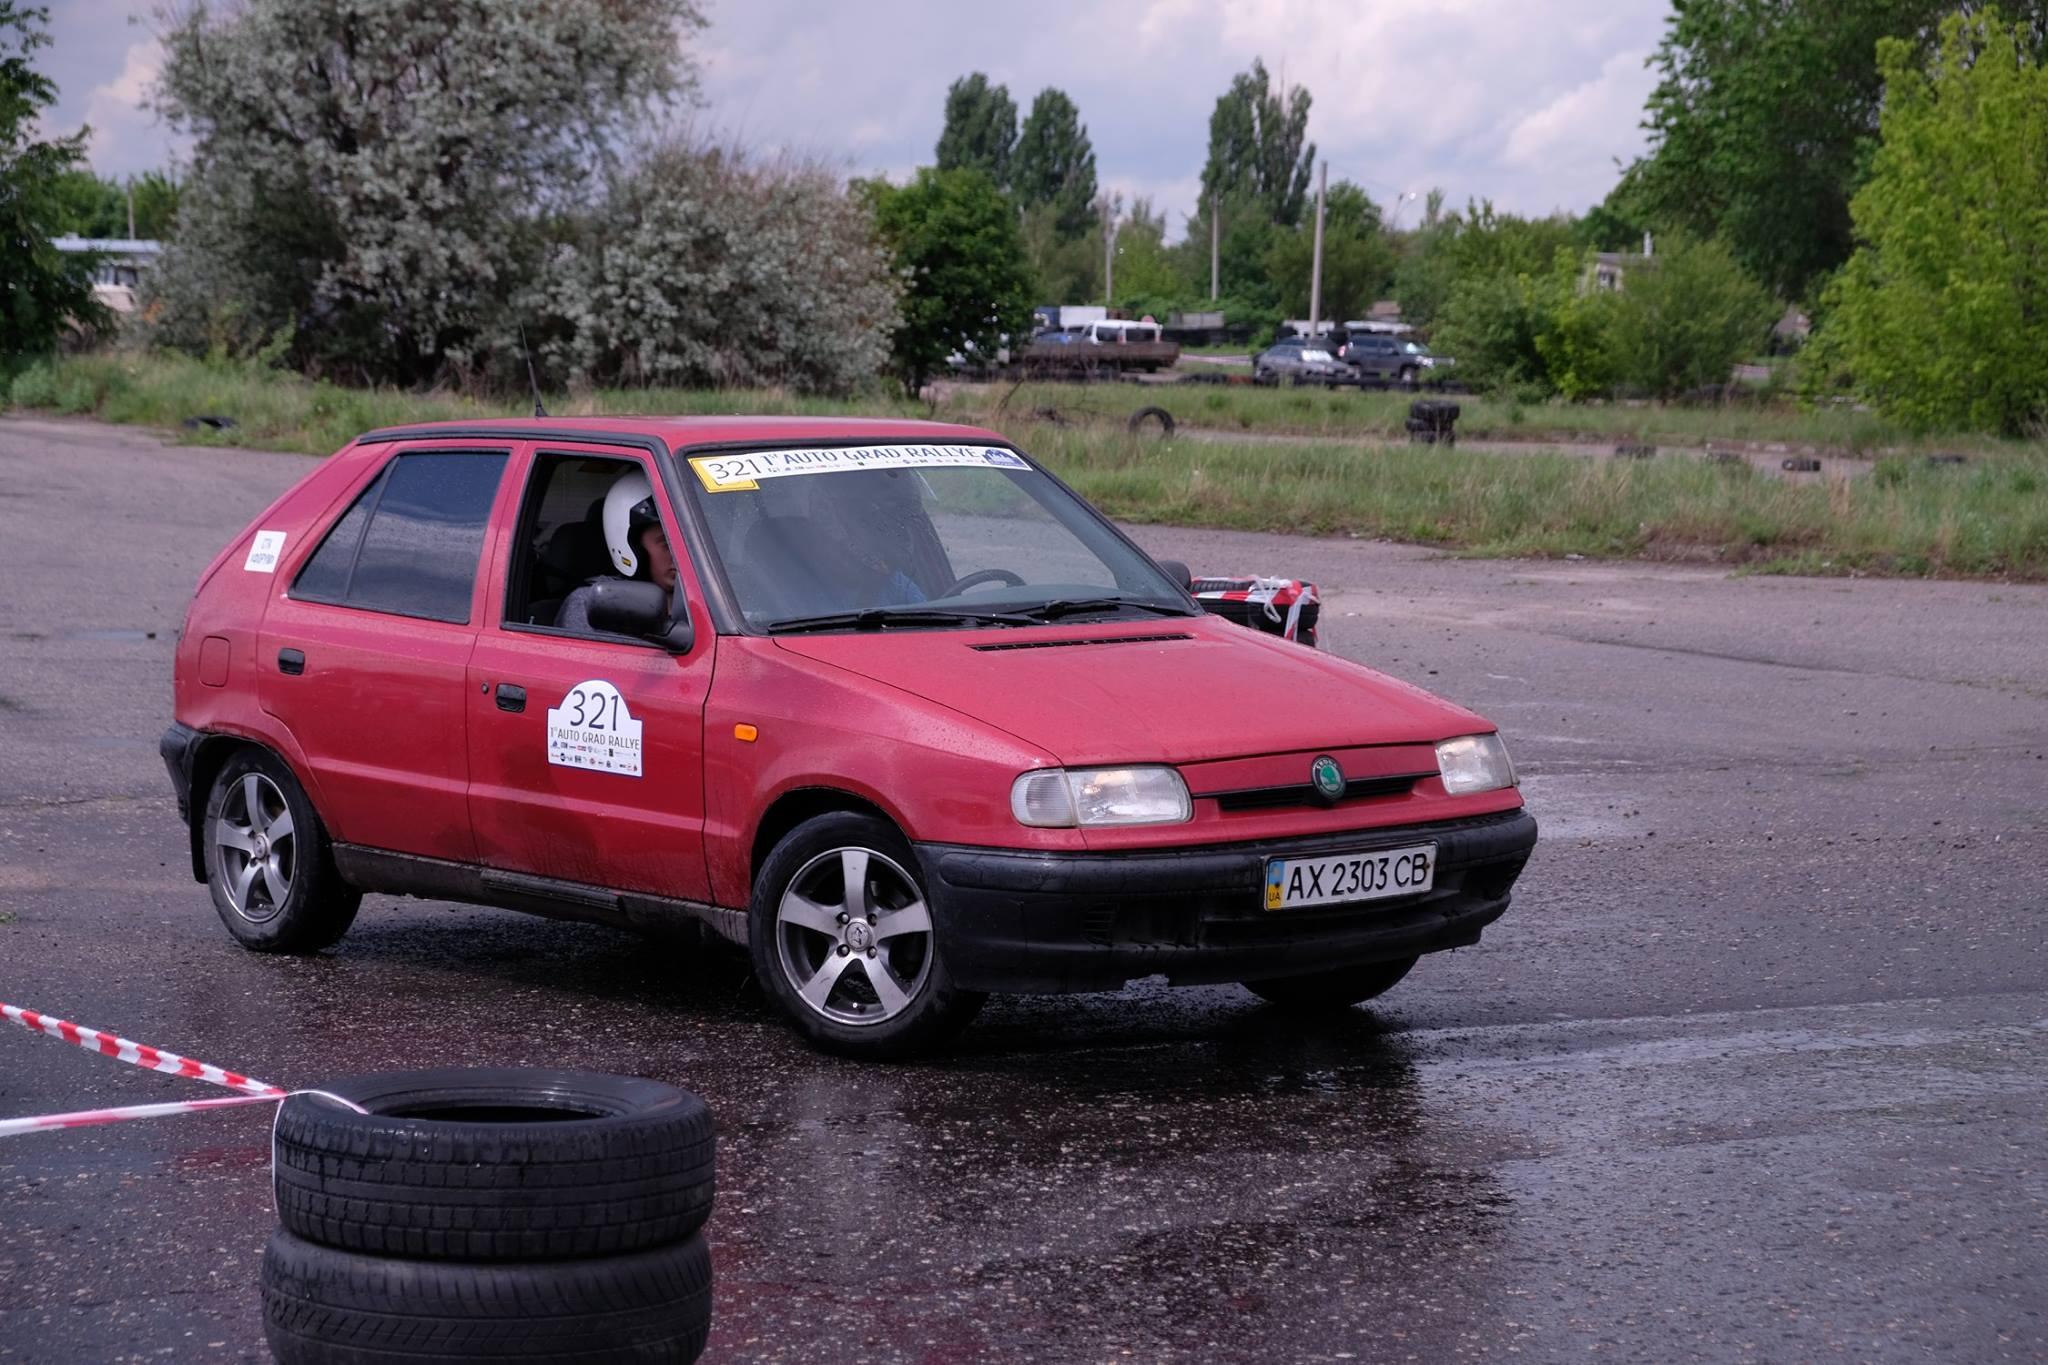 Водитель: Луговой Сергей<br/>Штурман: Луговой Виталий<br/>Машина: Škoda Felicia (1997г., 1300см³)<br/>Класс: Bravery